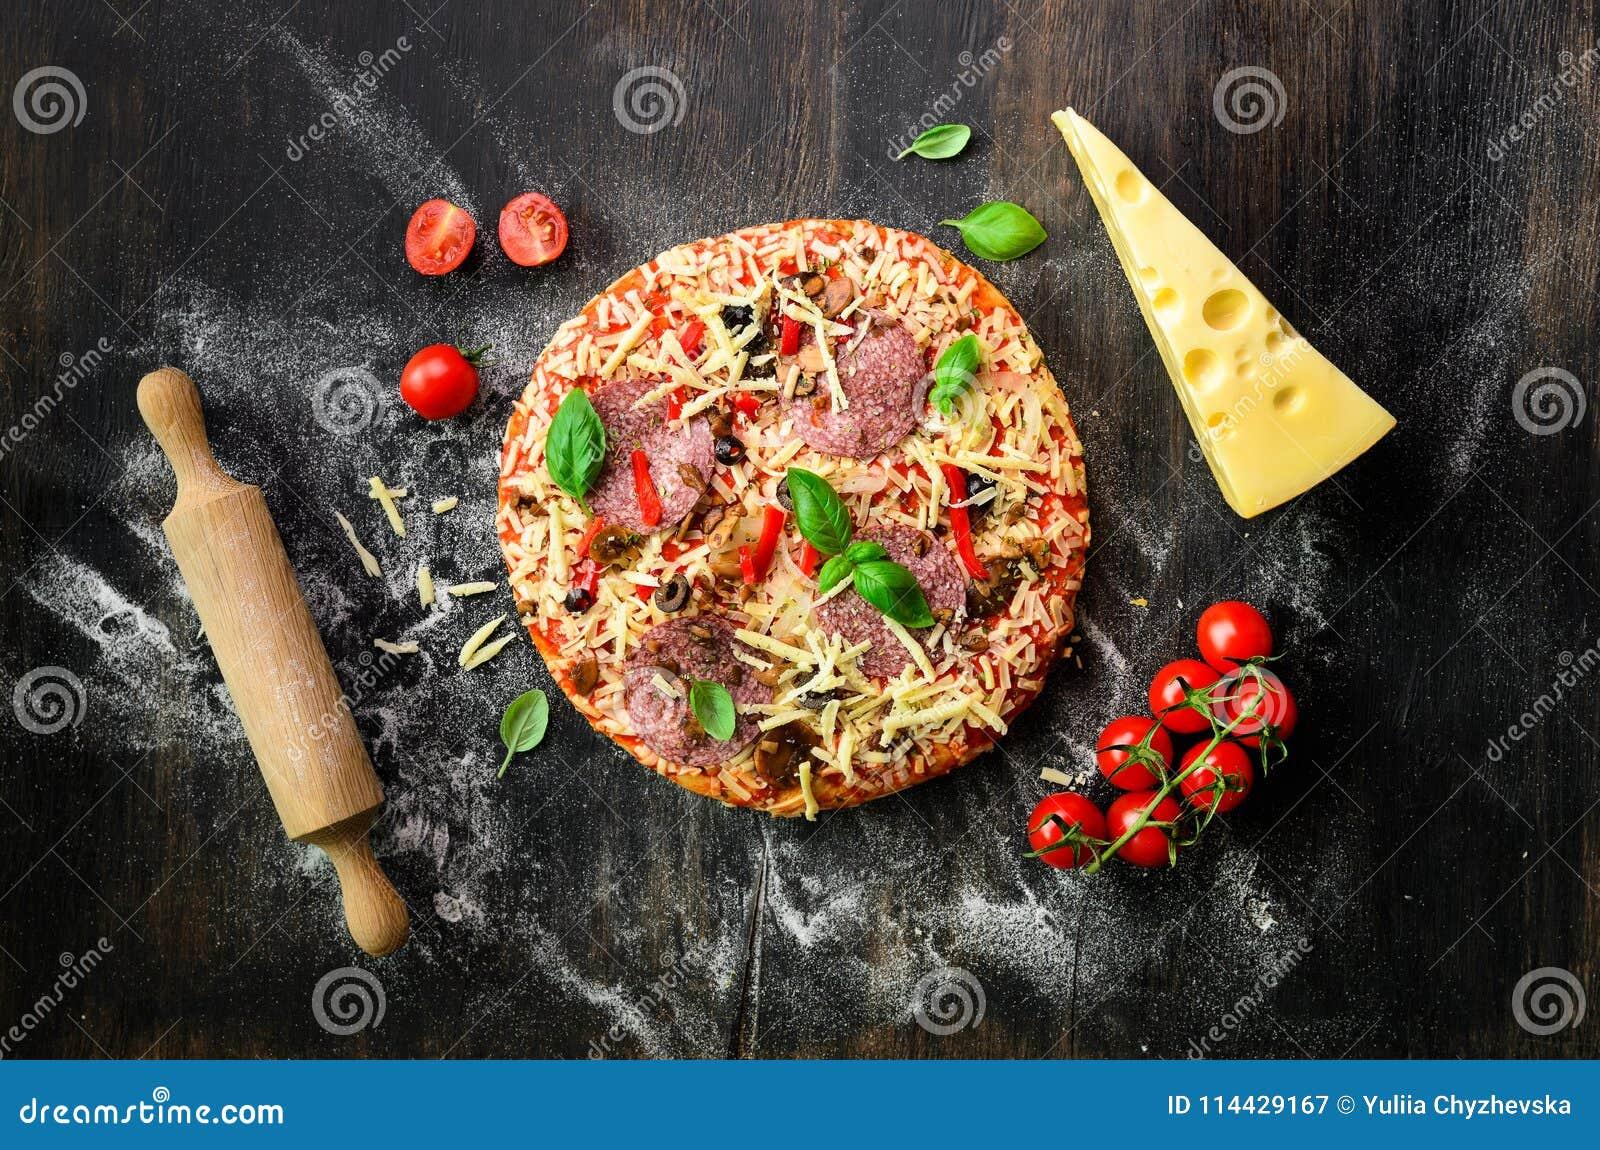 Lebensmittelinhaltsstoffe für italienische Pizza, Kirschtomaten, Mehl, Käse, Basilikum, Nudelholz, Gewürze auf dunklem Hintergrun